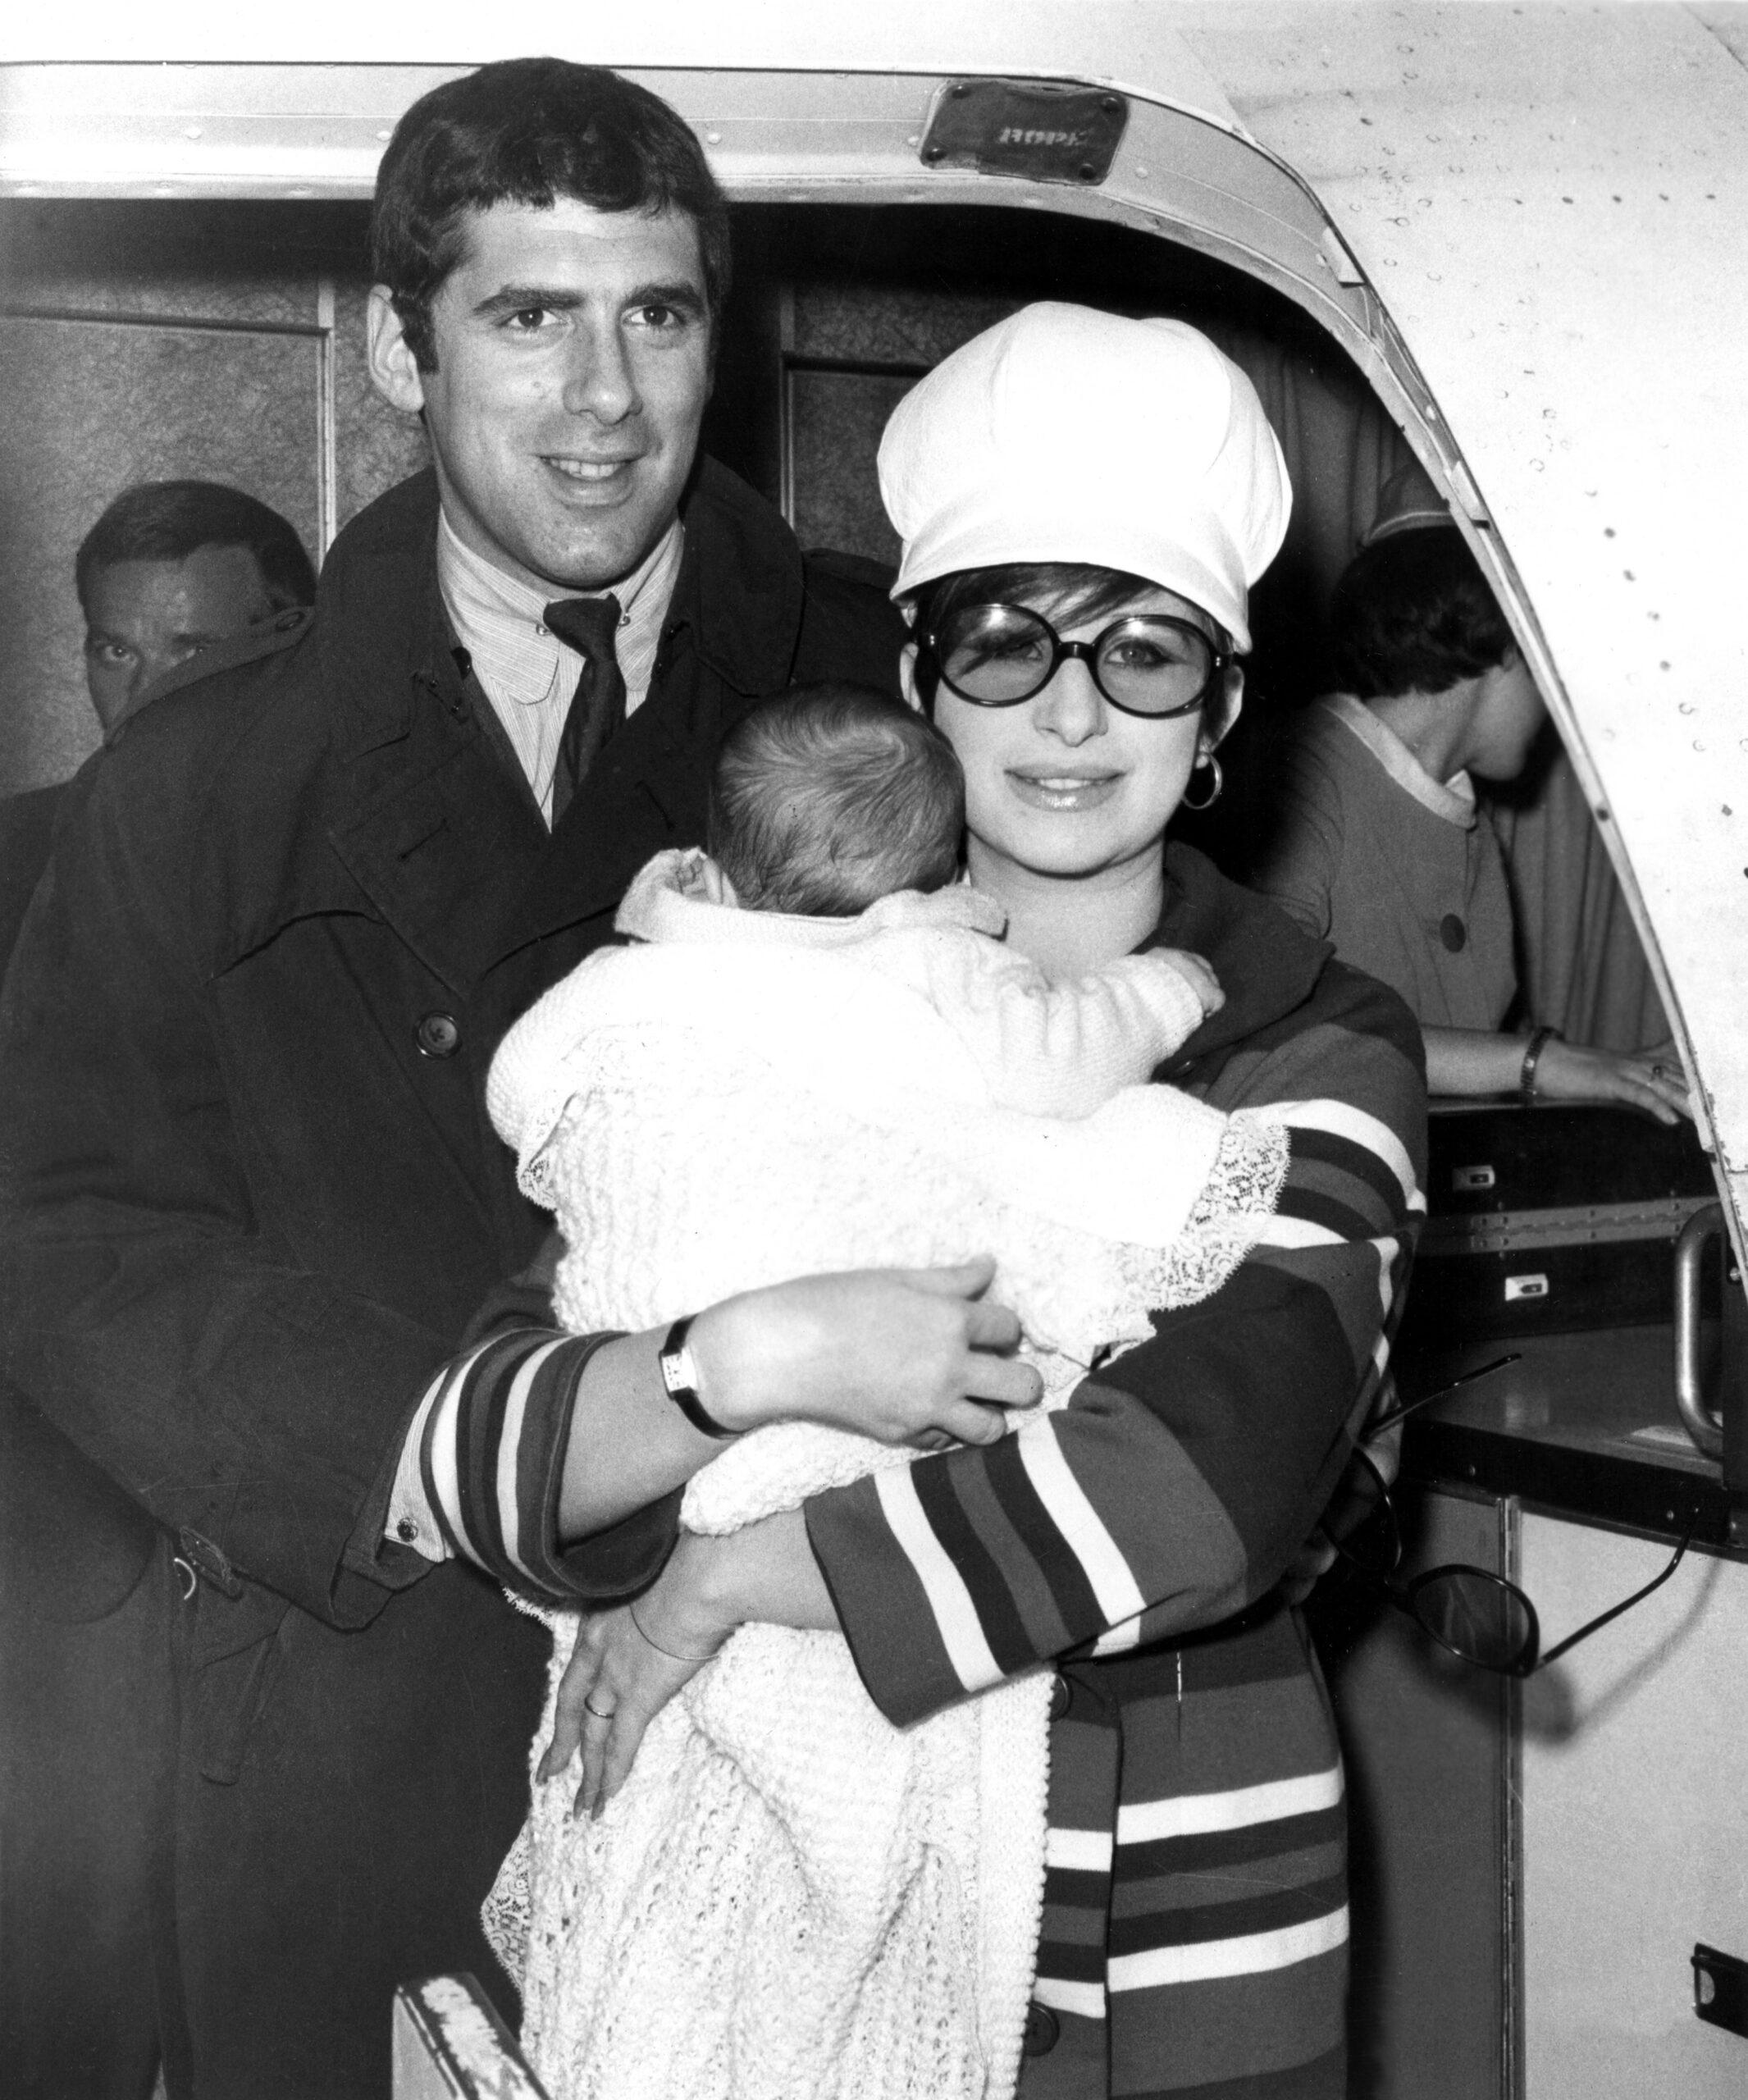 Elliott Gould, Barbra Streisand, holding son Jason Gould